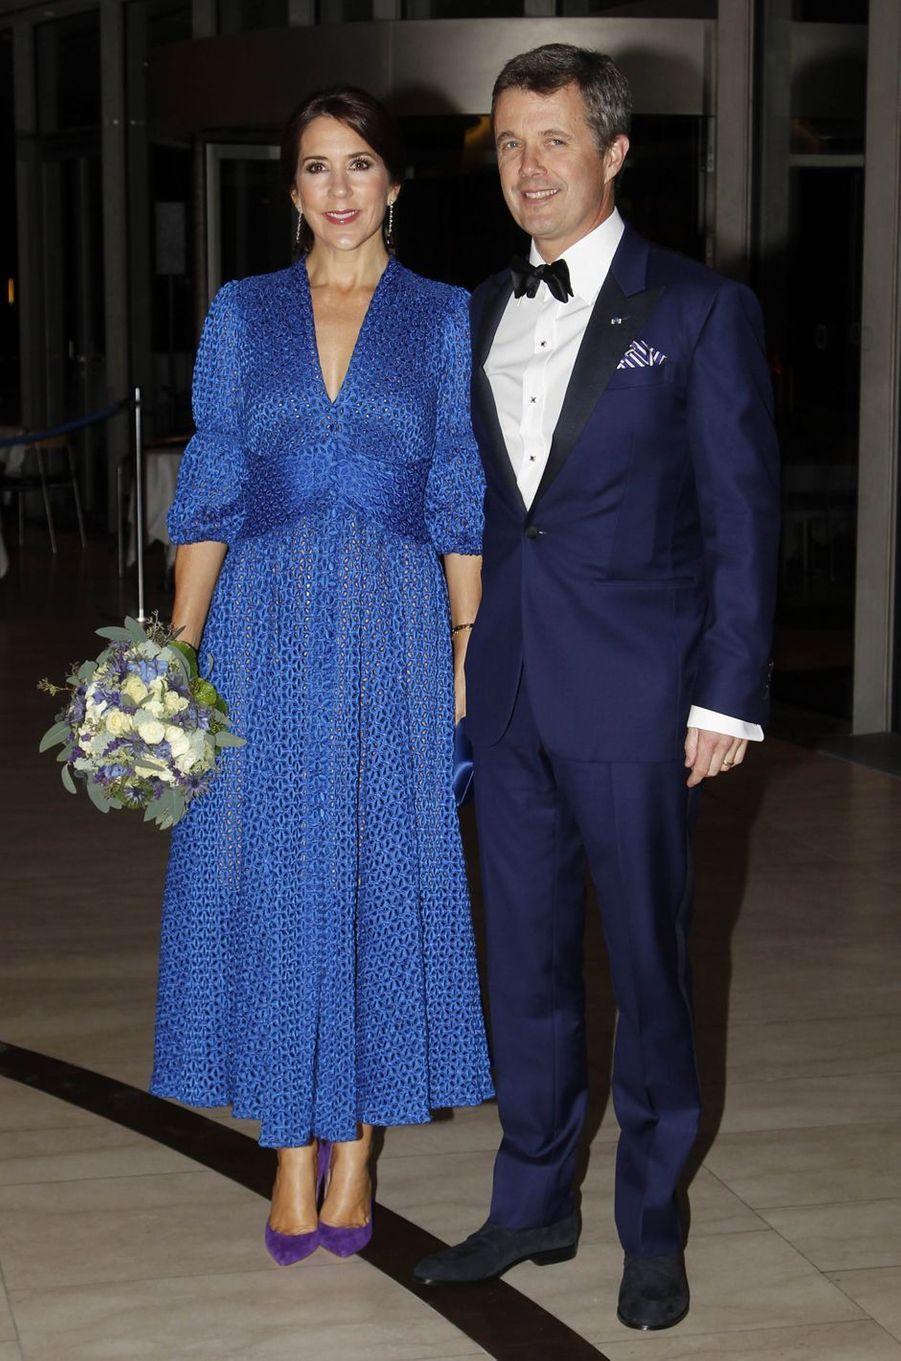 2019 - 15 ans de mariage pour le prince héritier Frederik de Danemark et la princesse Mary